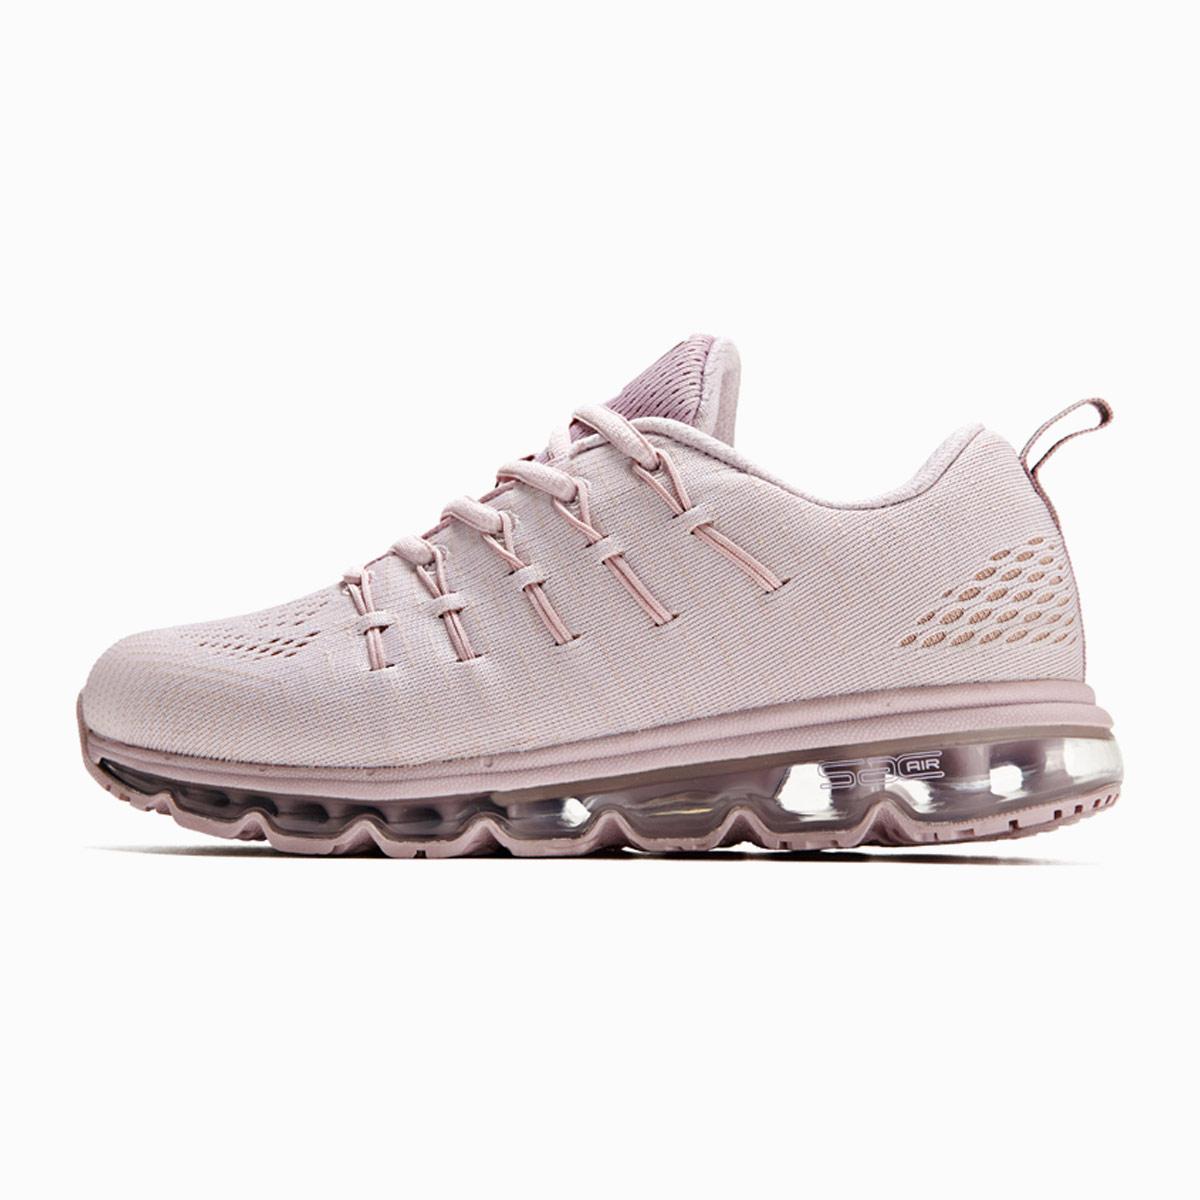 361° 361度 Sac-air 681732246 女子全掌气垫运动鞋